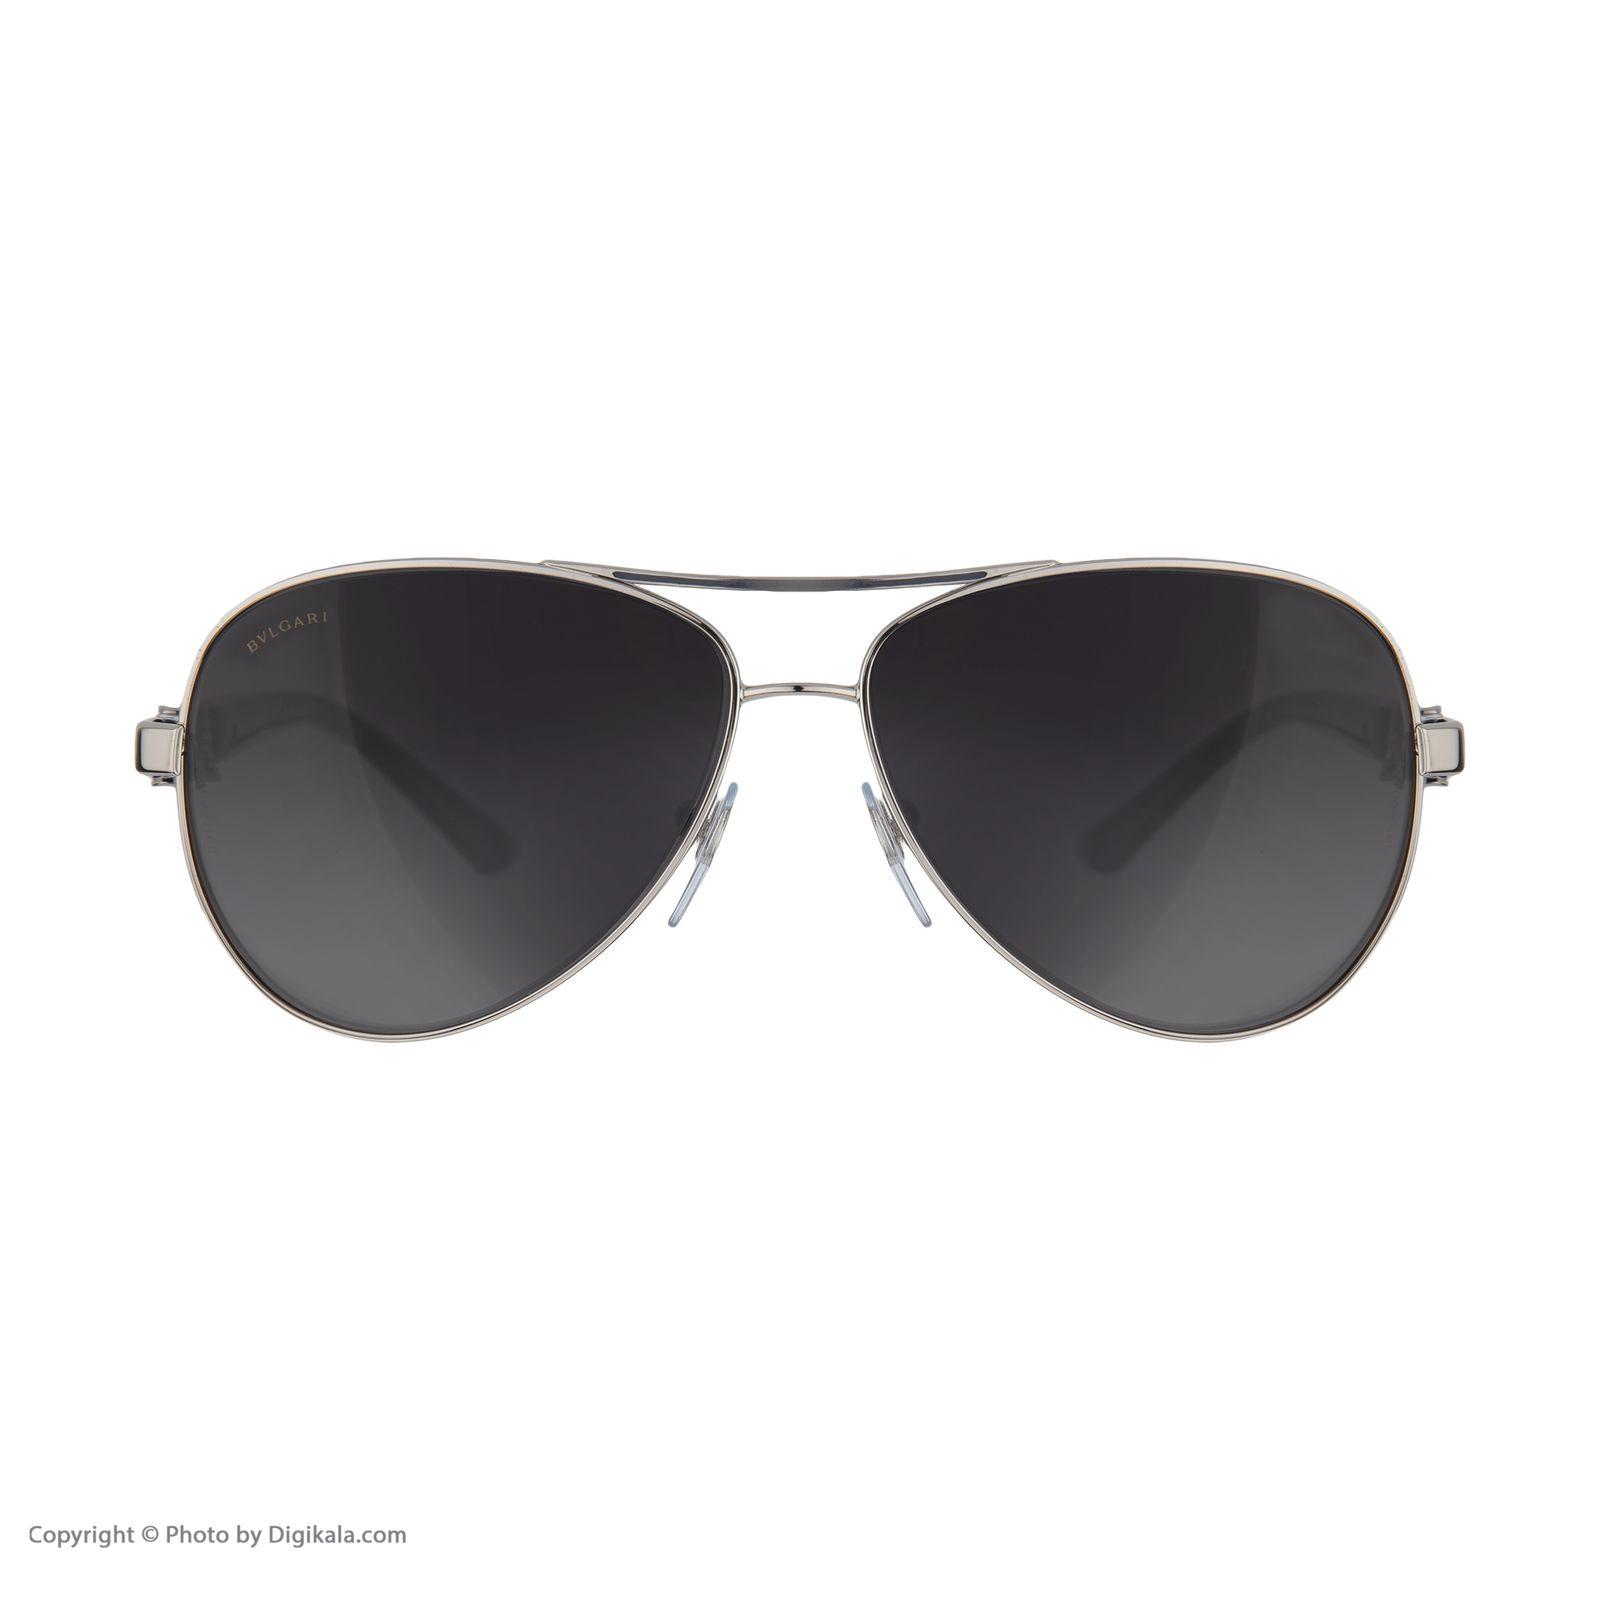 عینک آفتابی زنانه بولگاری مدل  BV6080B 0102T3 -  - 3